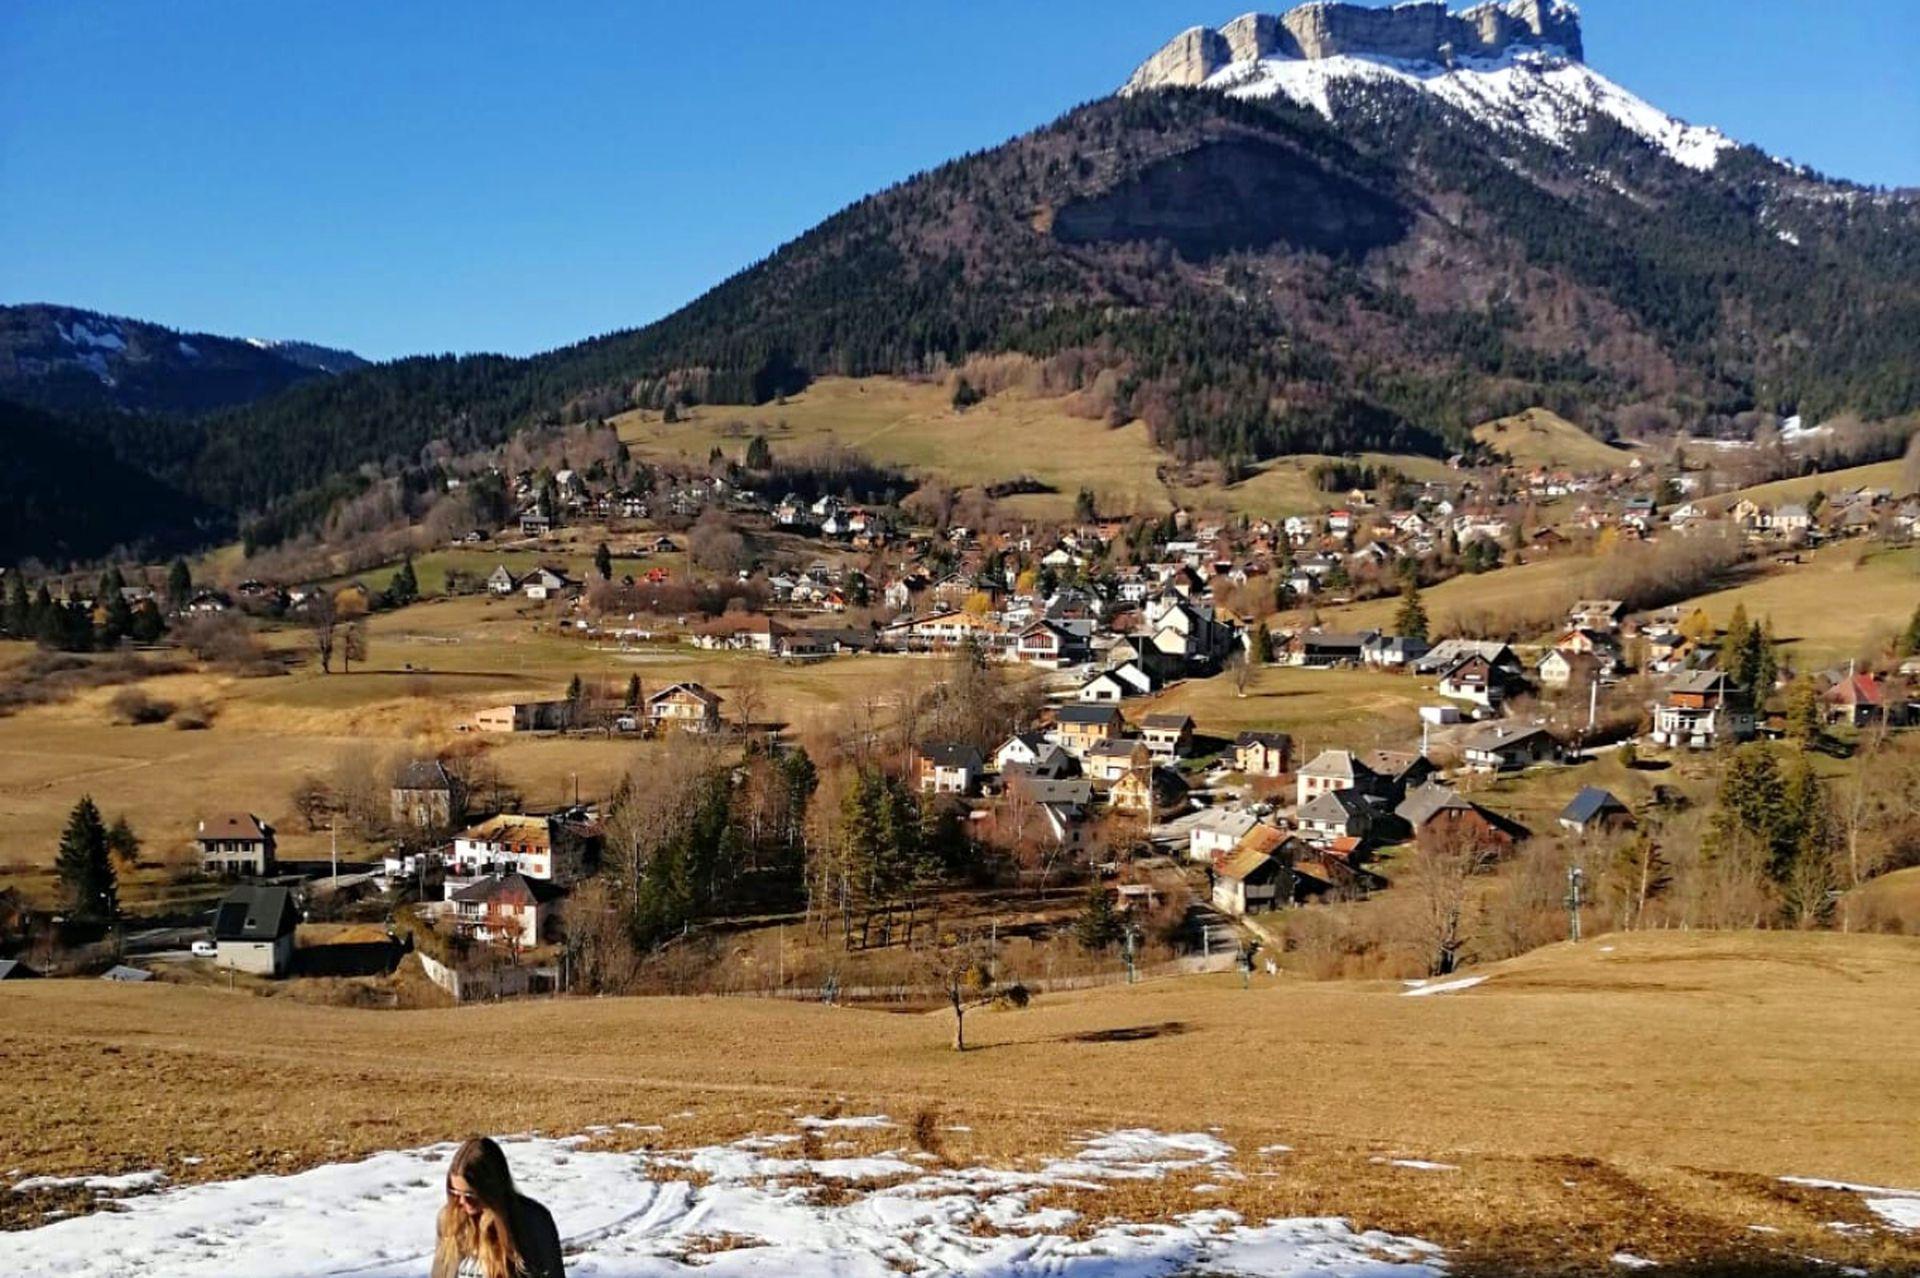 Le Sappey en Chartreuse, un pueblo en una de las montañas que rodea Grenoble. A 15 minutos de la ciudad.